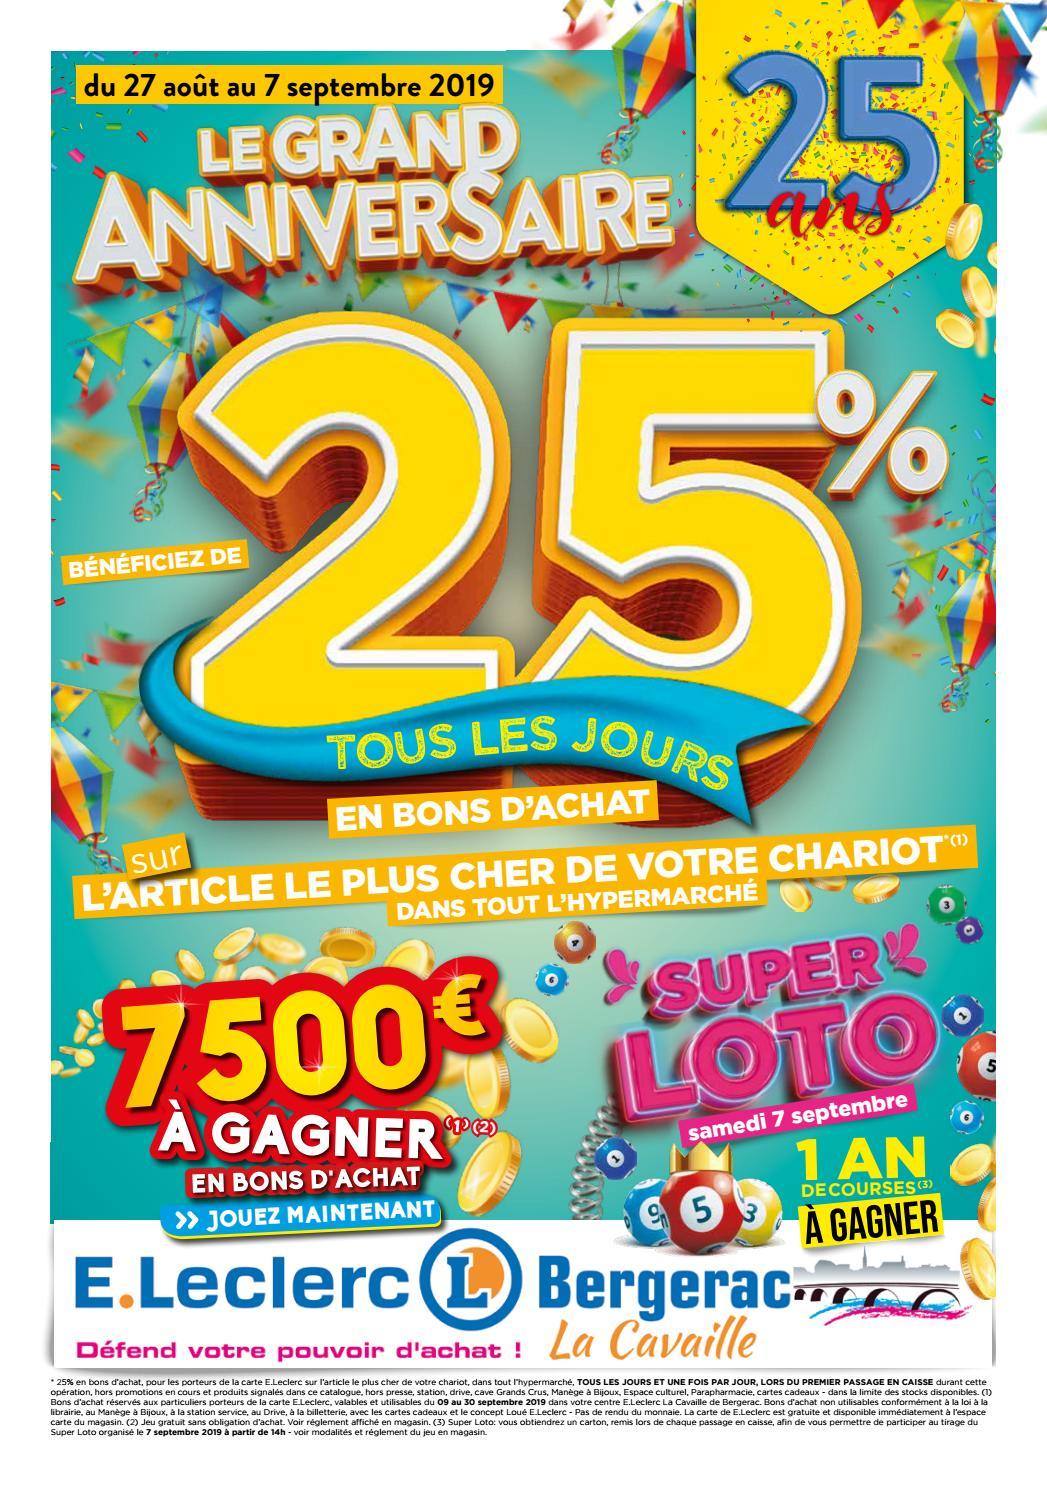 Centre E.leclerc De Bergerac - Anniversaire 25 Ans By ... encequiconcerne Table De Jardin Magasin Leclerc